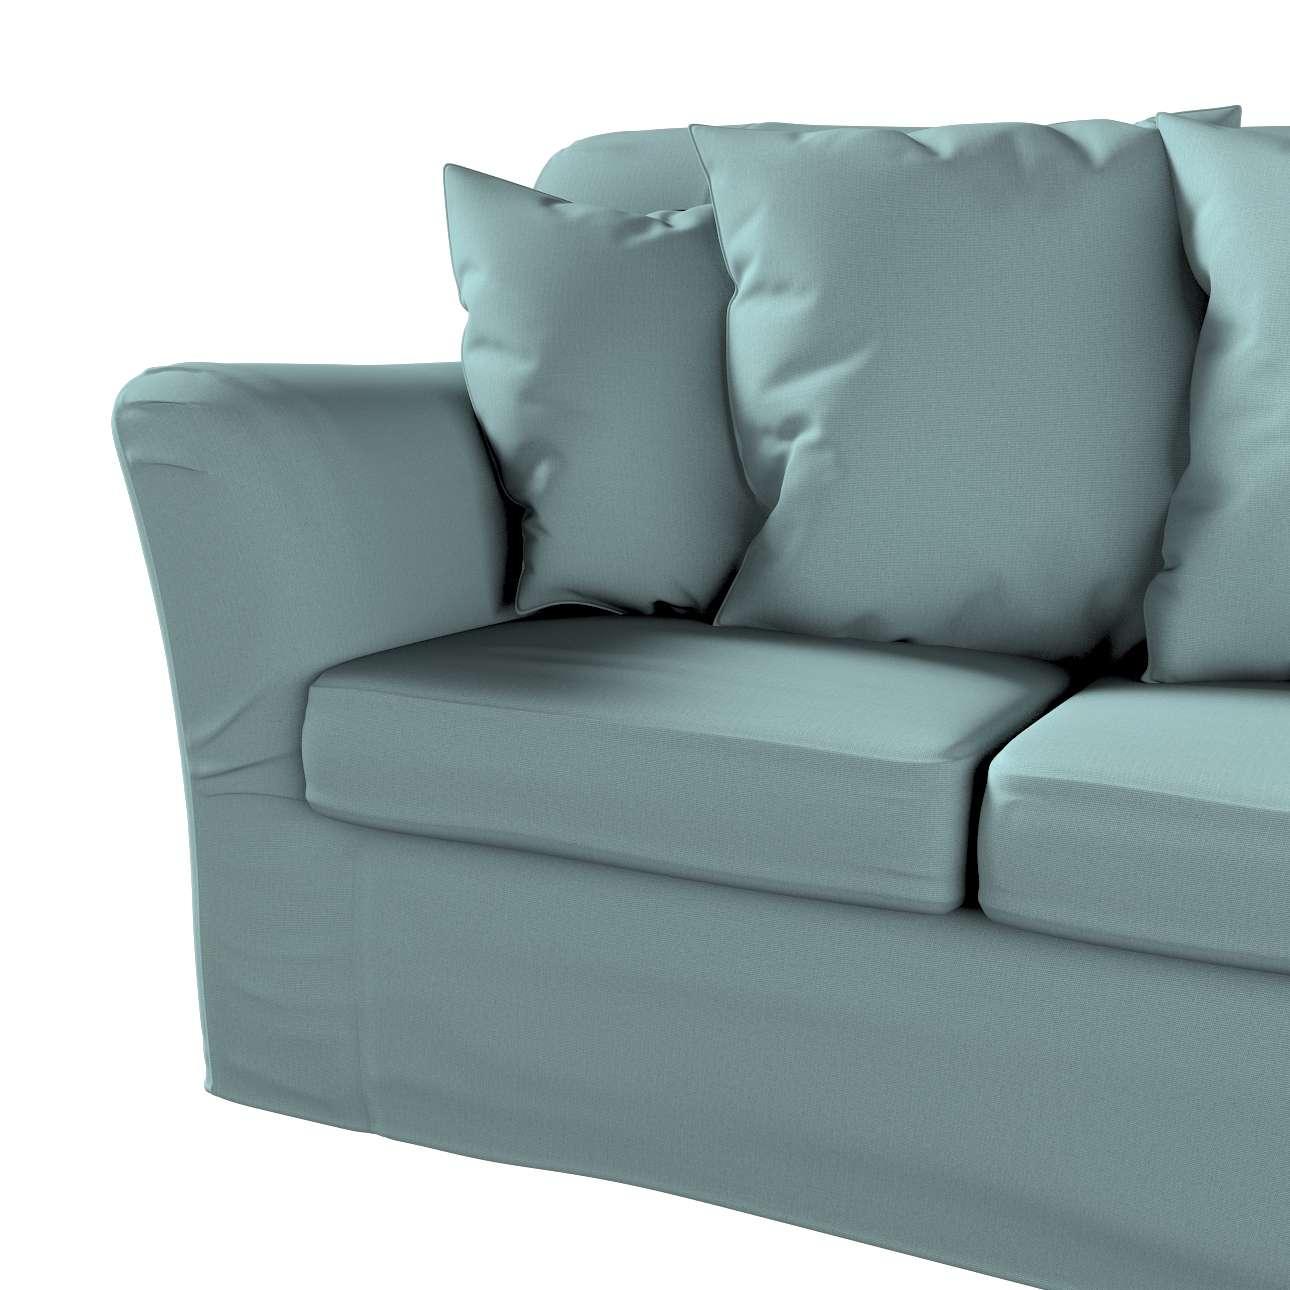 Pokrowiec na sofę Tomelilla 3-osobową nierozkładaną w kolekcji Cotton Panama, tkanina: 702-40